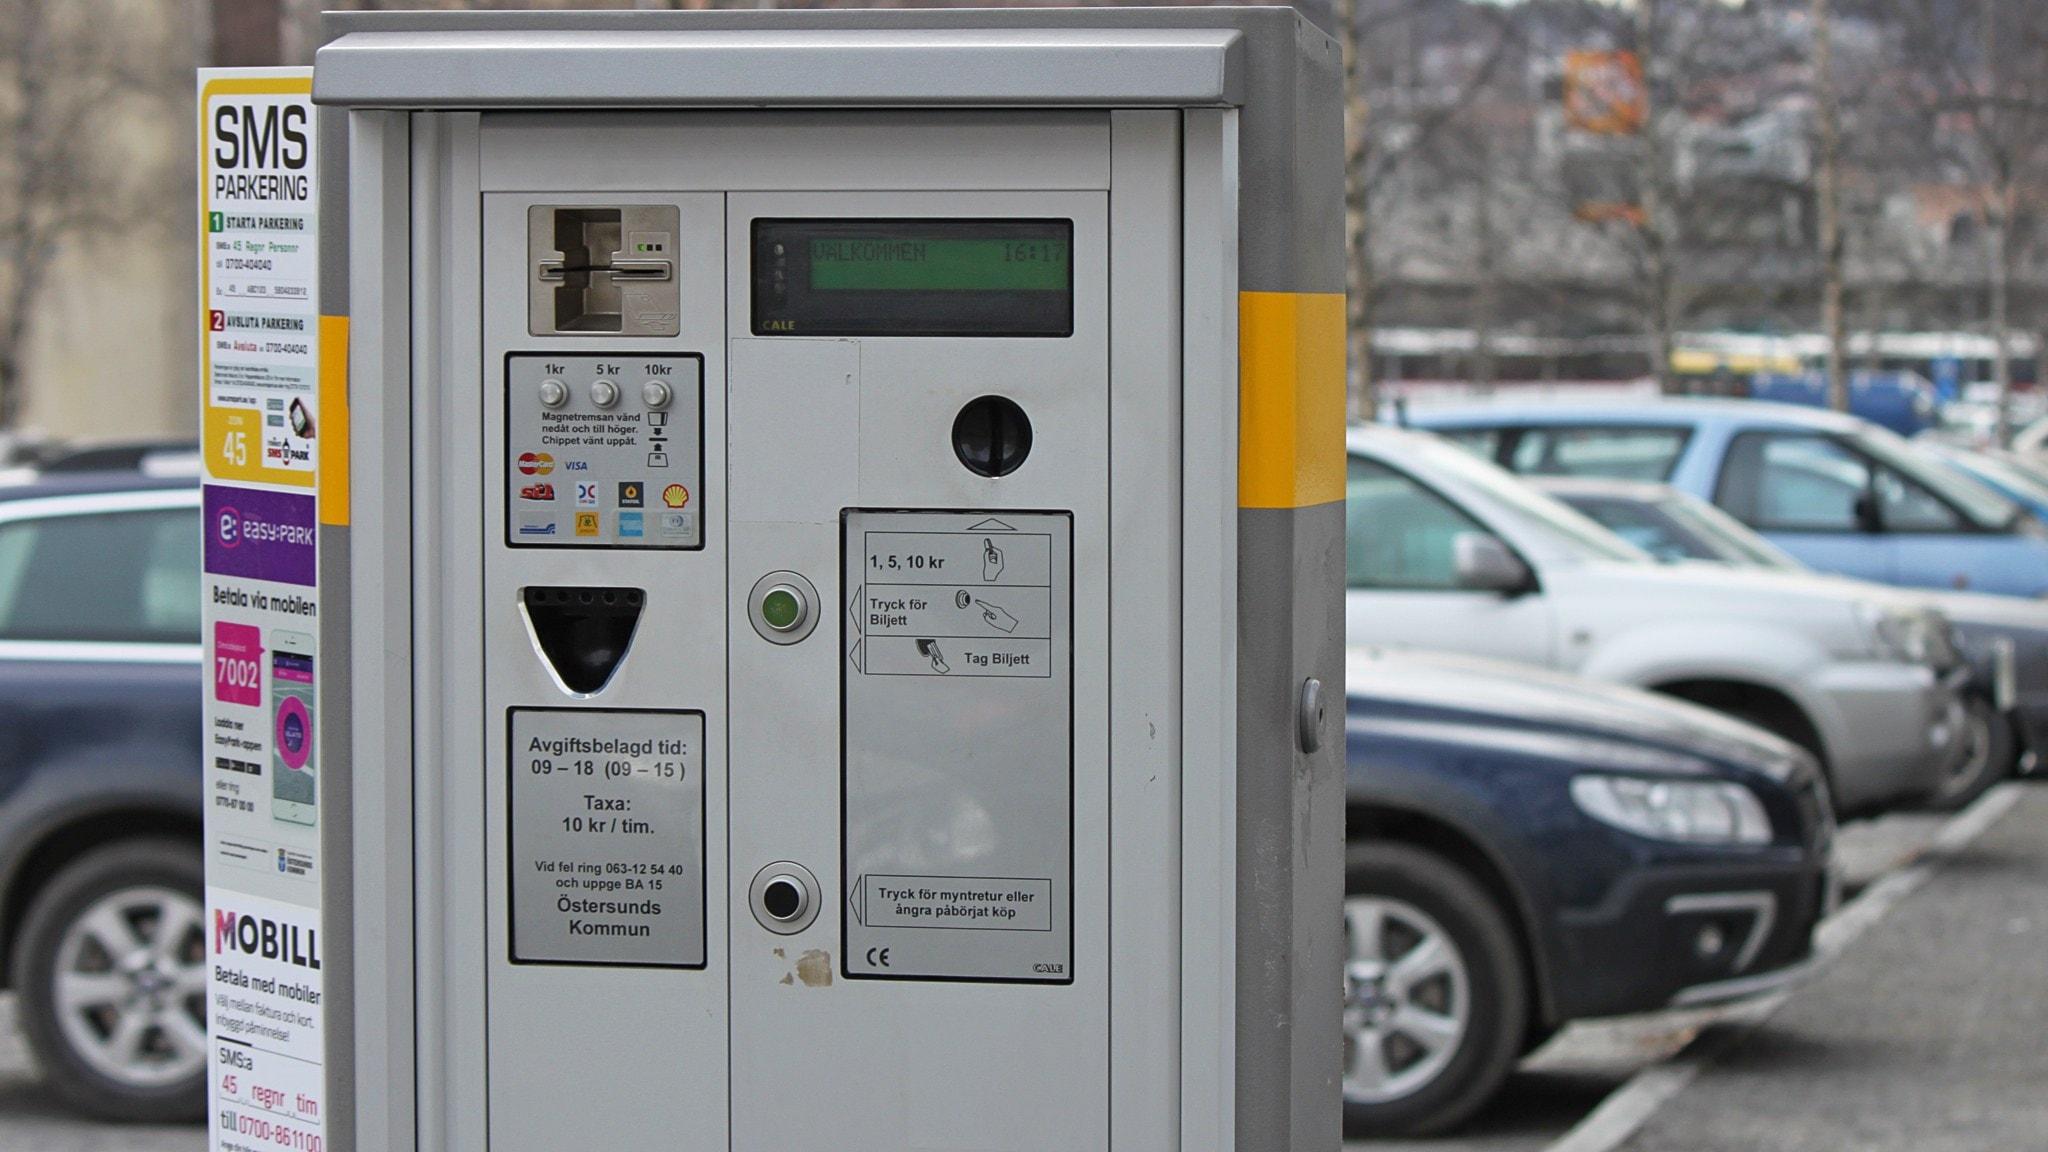 Jackpottarna automater - 72397